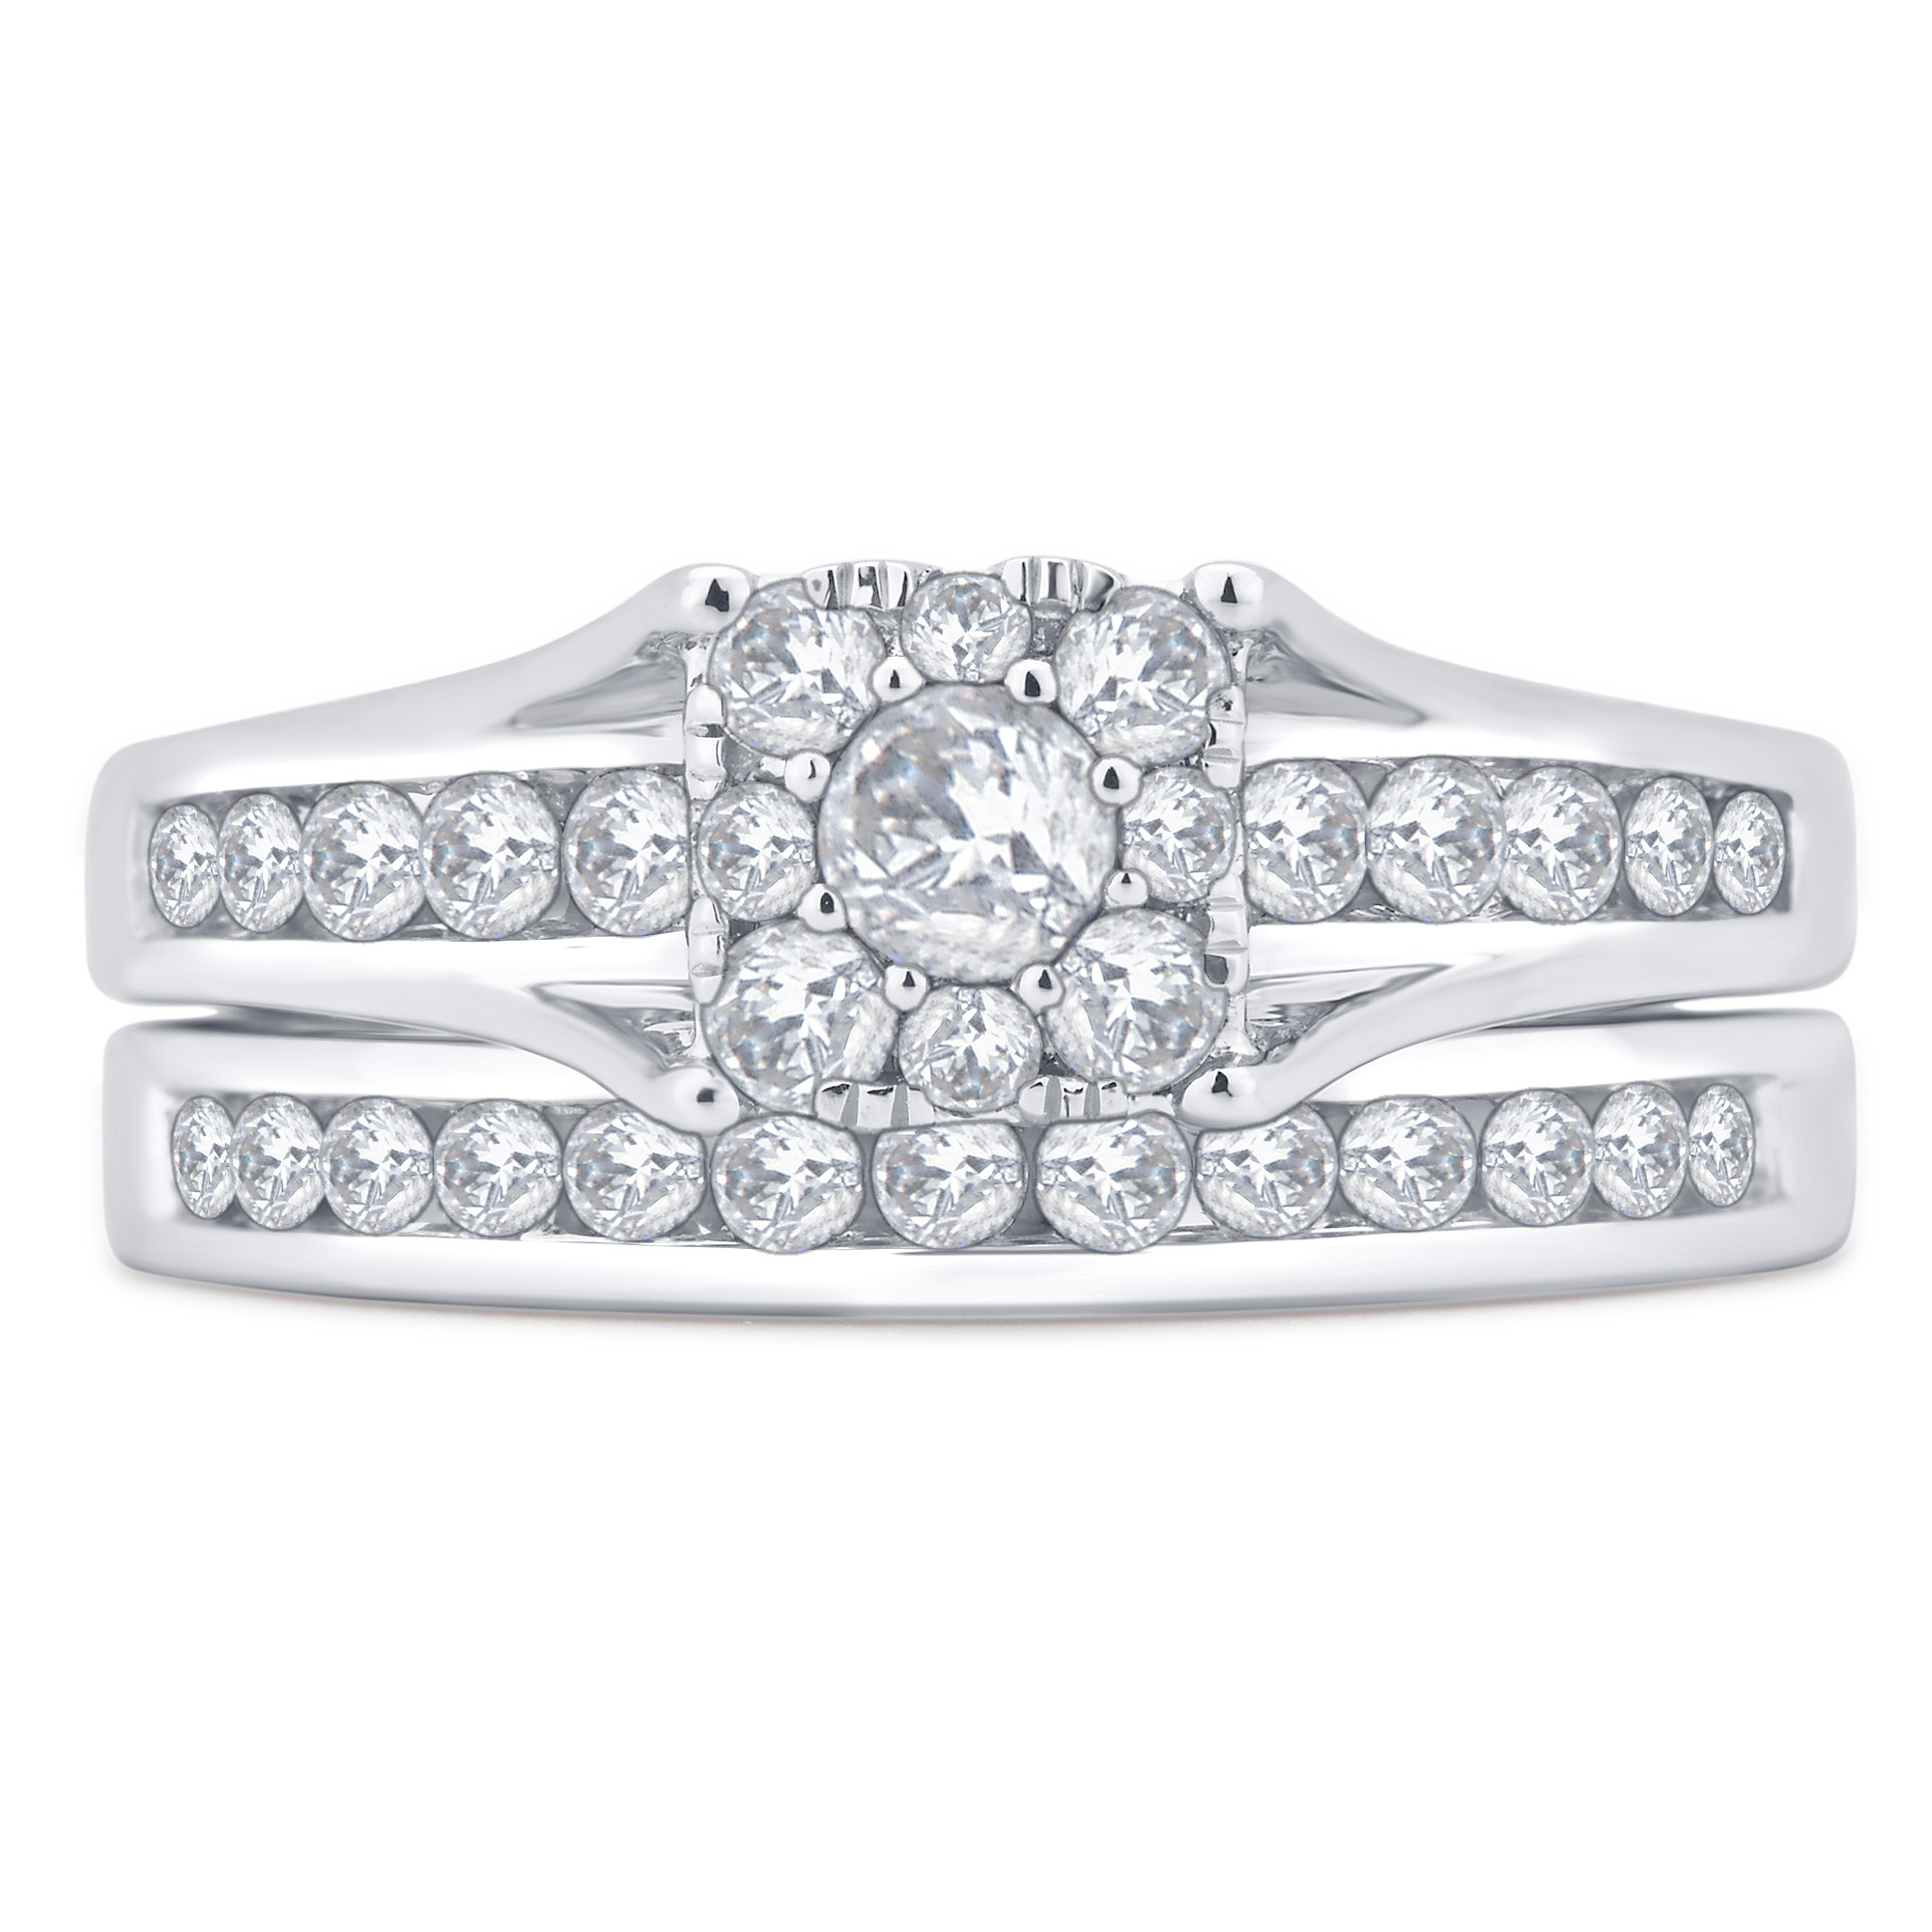 1 Carat T.W. Square Diamond 10kt White Gold Bridal Set